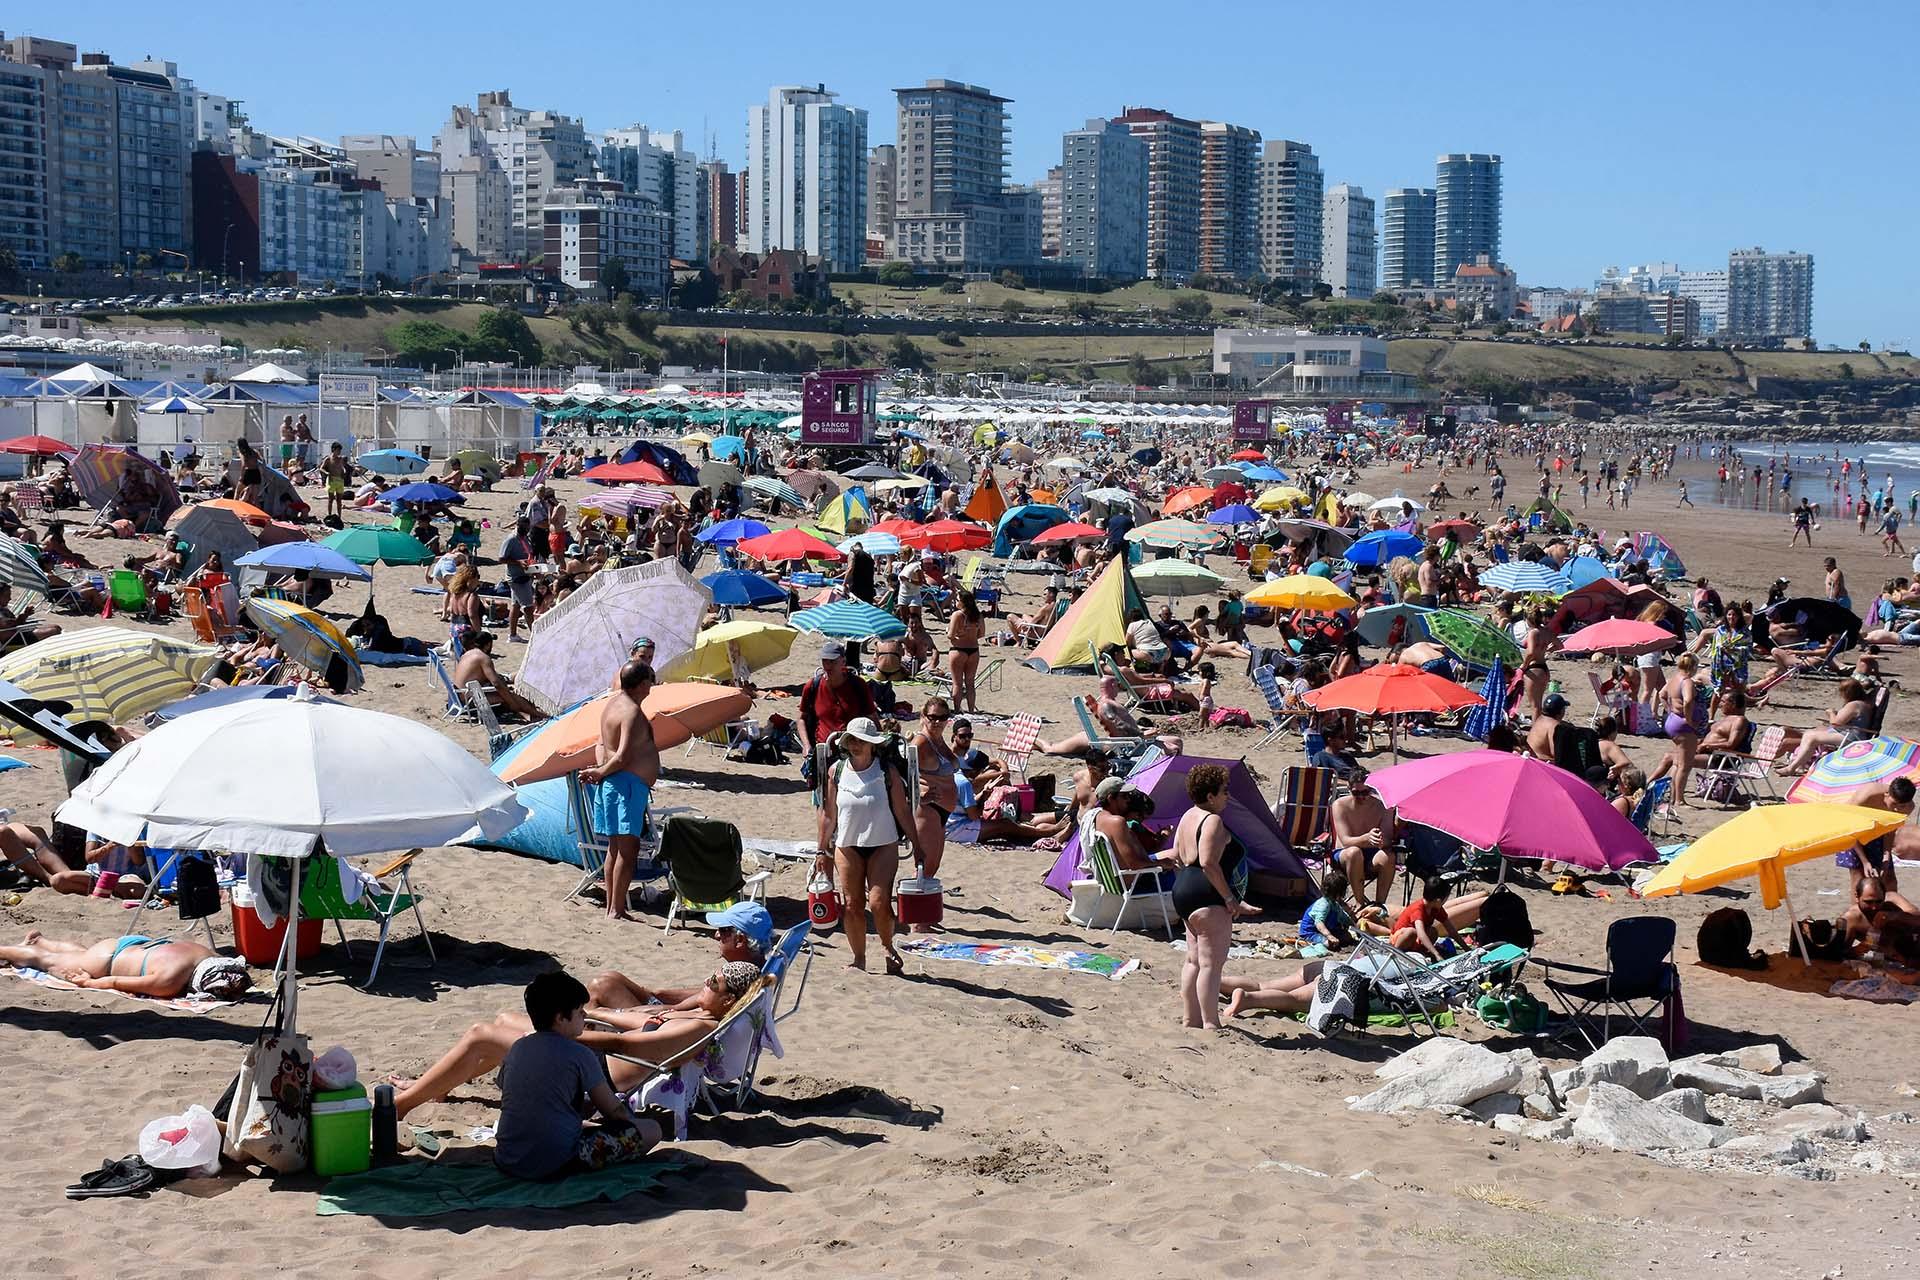 Una imagen del verano en Mar del Plata durante diciembre. Cerca de 130 mil personas disfrutaron del último fin de semana largo del año en La Feliz